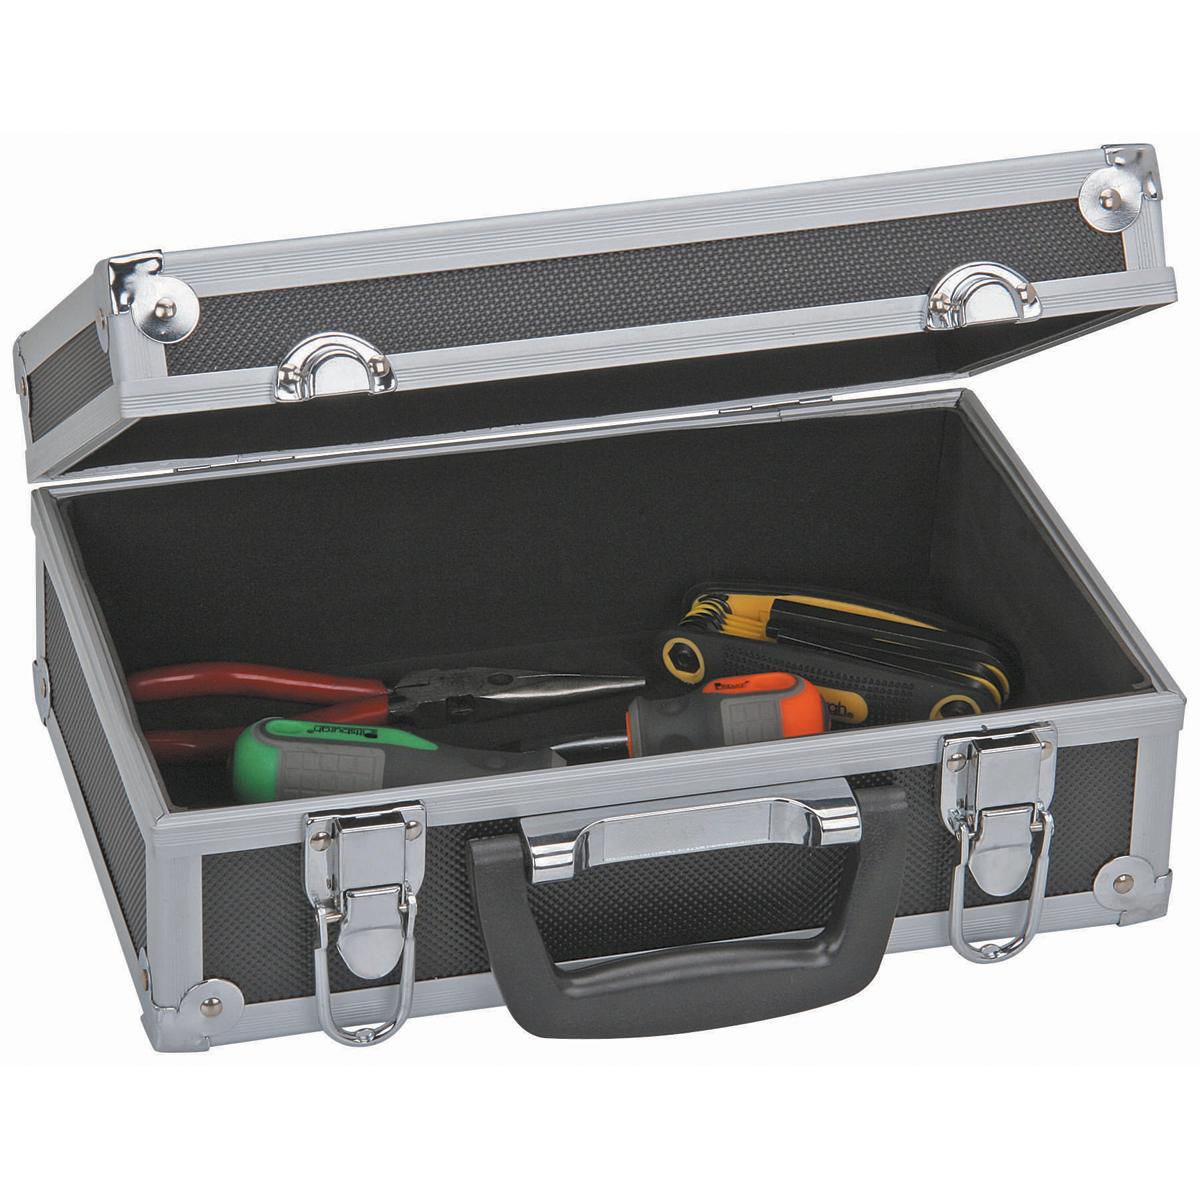 11 1 2 X 7 1 2 X 4 1 2 Aluminum Case